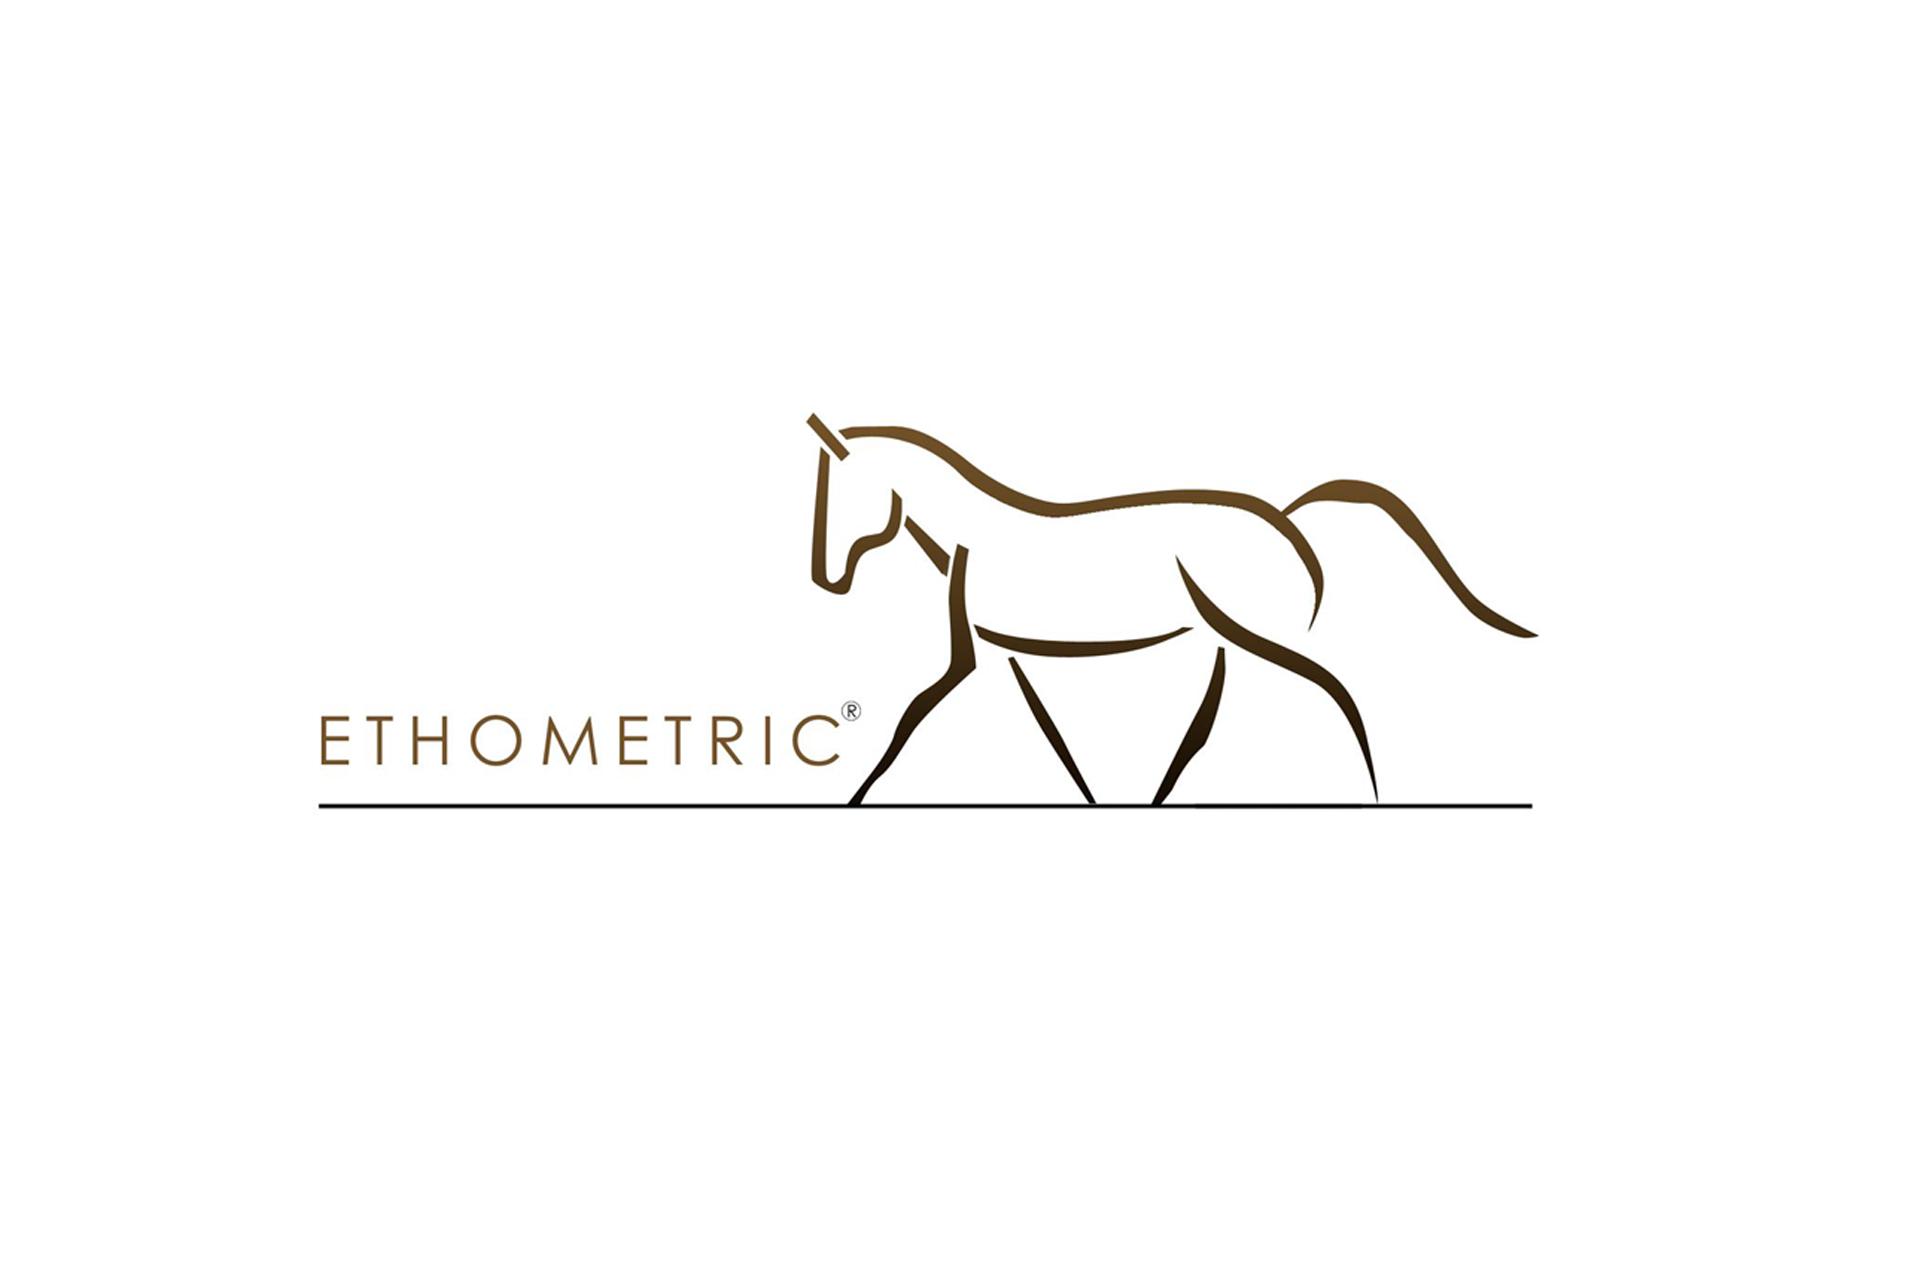 LOGO ETHOMETRIC